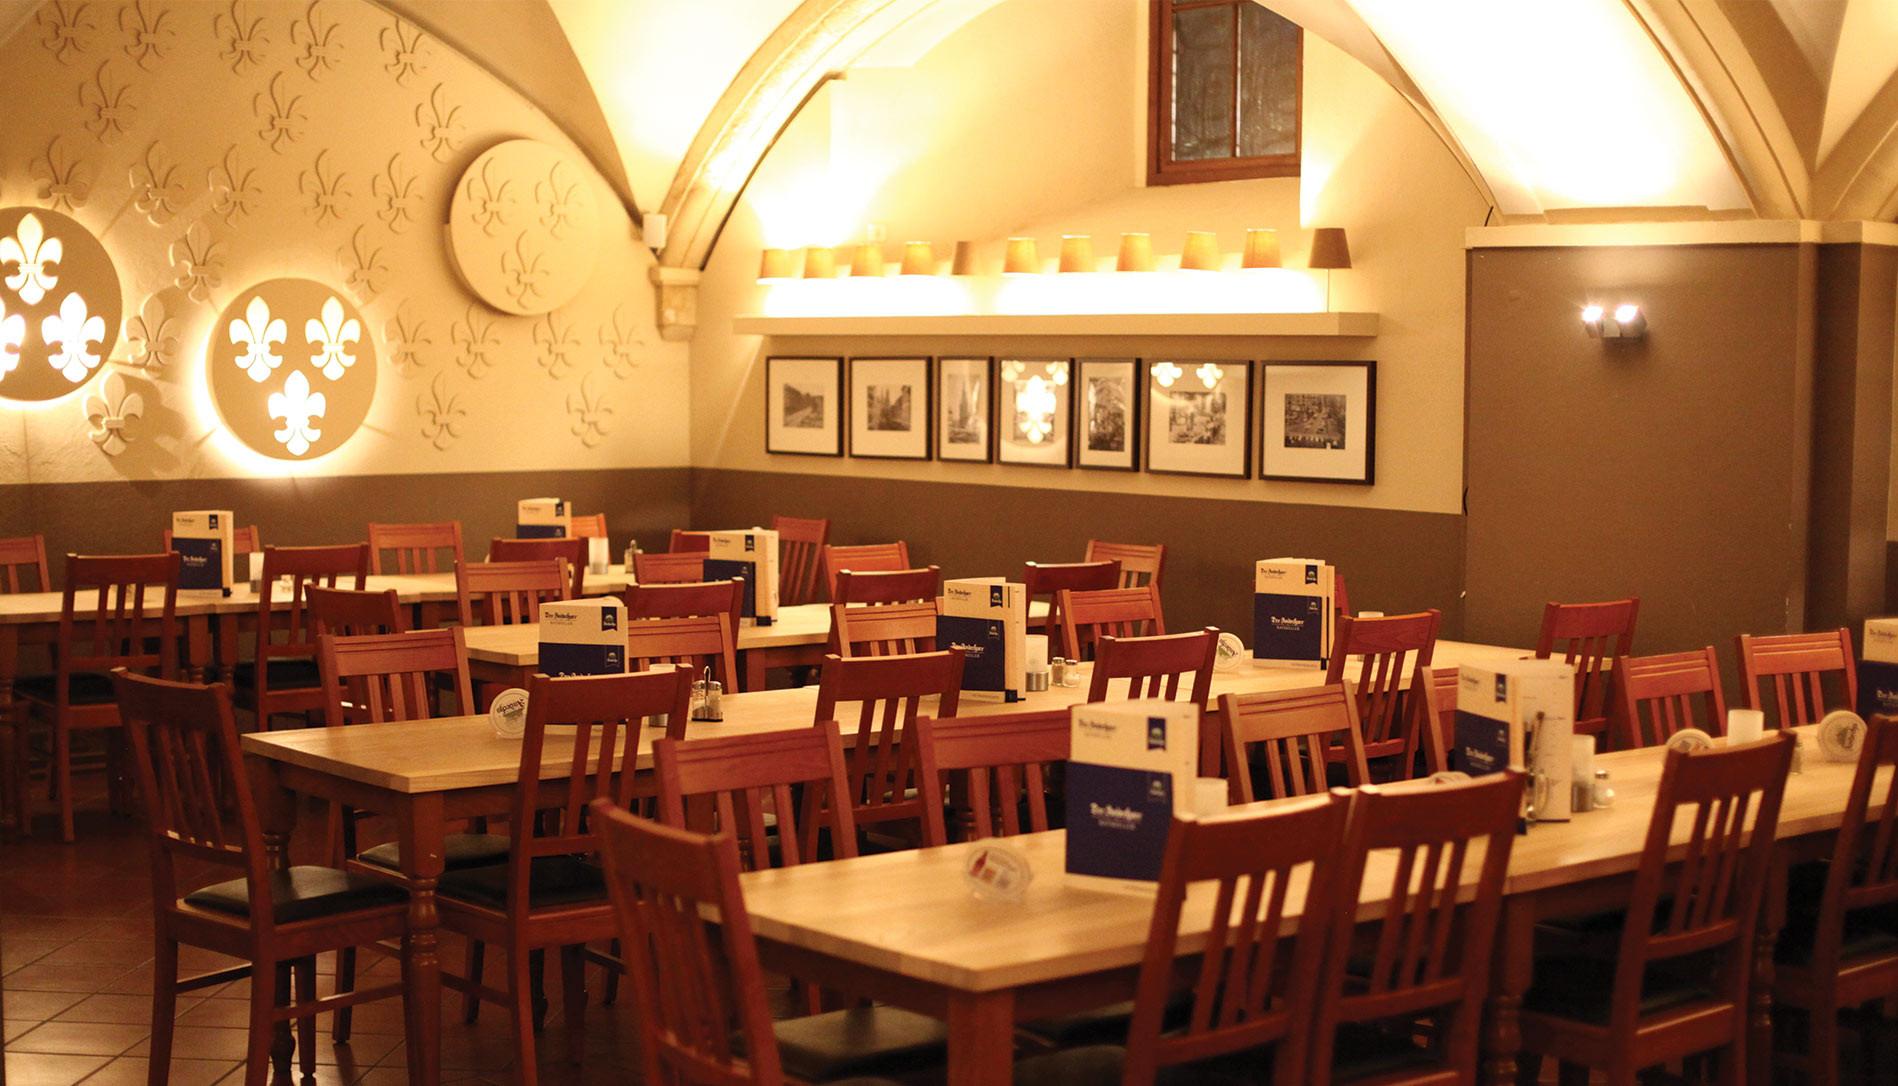 Das Wohnzimmer Wiesbaden  Das Wohnzimmer Wiesbaden Speisekarte Speisekarte jannis